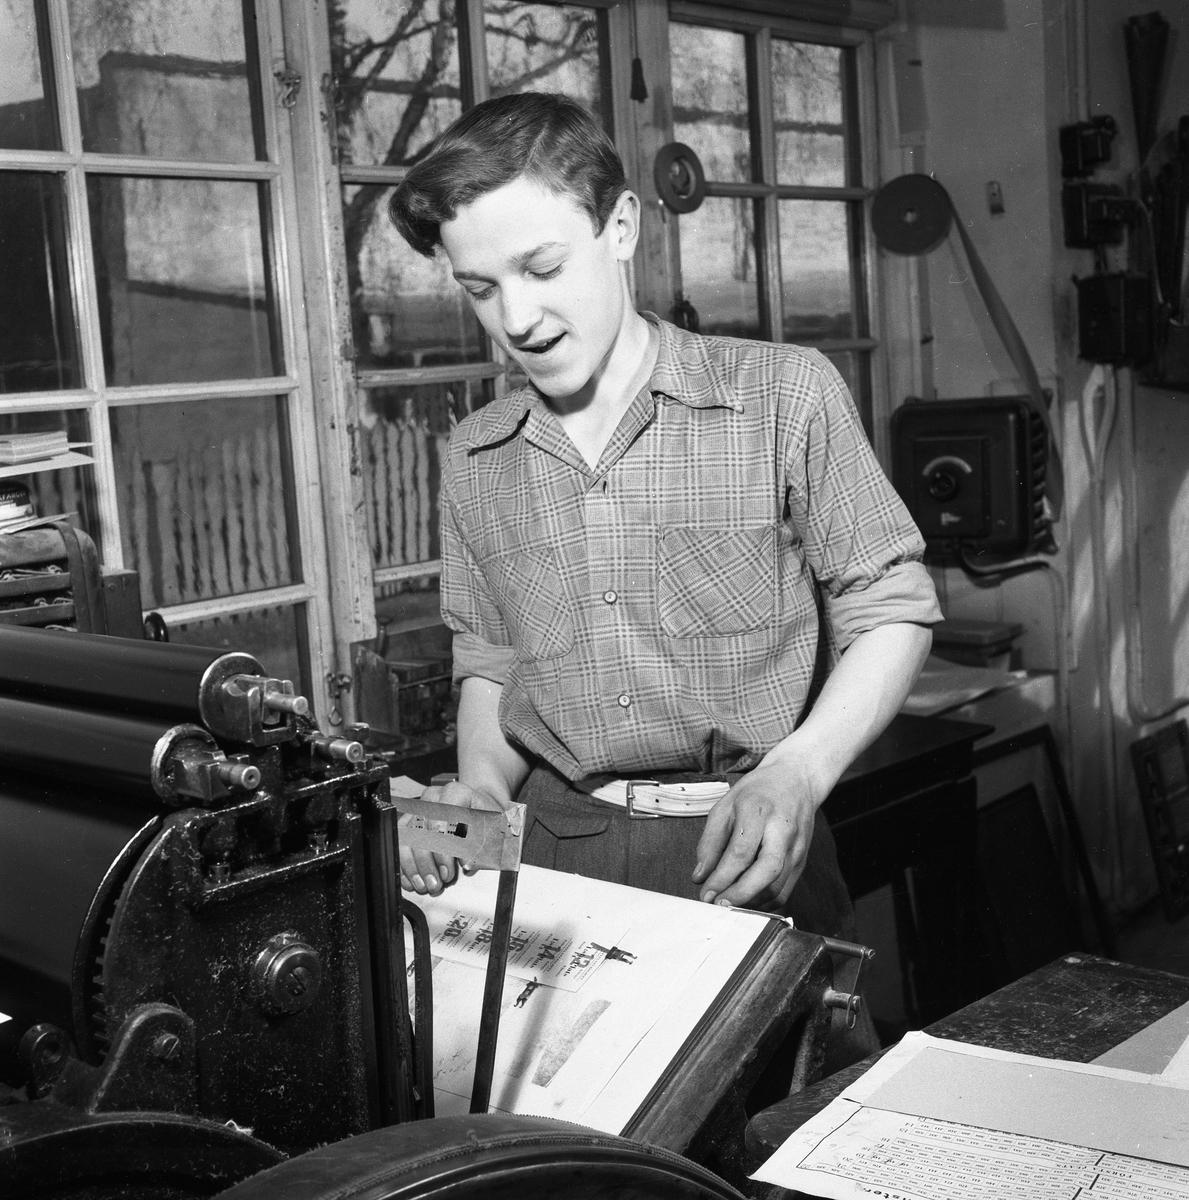 Arboga Tidning, interiör. En ung man, med uppkavlade skjortärmar, arbetar vid en maskin i tryckeriet.